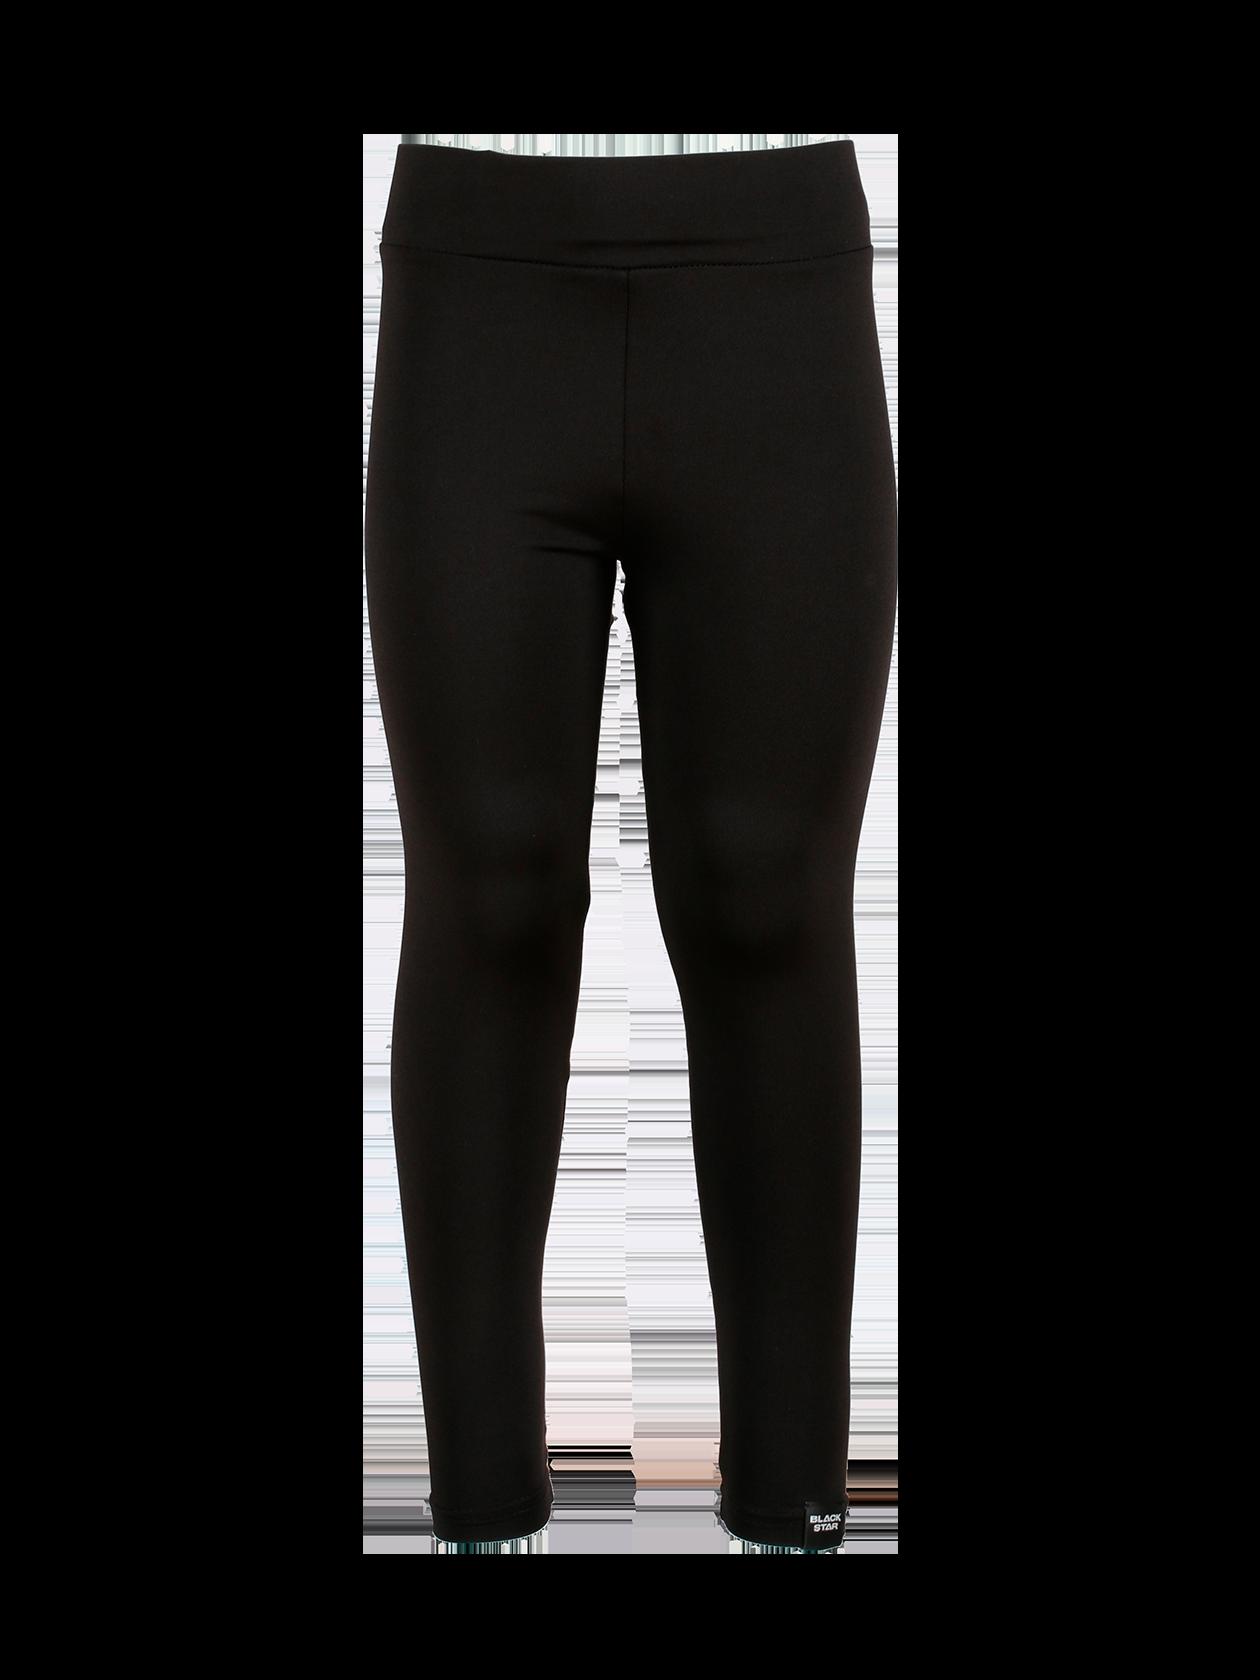 Teens leggings BLACK CLASSICЛеггинсы подростковые Black Classic из новой линейки одежды Basic гармонично впишутся в гардероб активных молодых людей. Модель облегающего кроя представлена в базовой черной расцветке. Изделие выполнено из бленда высококачественных материалов, хорошо держит форму, подчеркивая лучшие стороны фигуры. Дизайн дополнен широким эластичным поясом. Внизу на левой штанине фирменная нашивка бренда Black Star. Цена стала еще привлекательнее.<br><br>size: 12-14 years<br>color: Black<br>gender: unisex